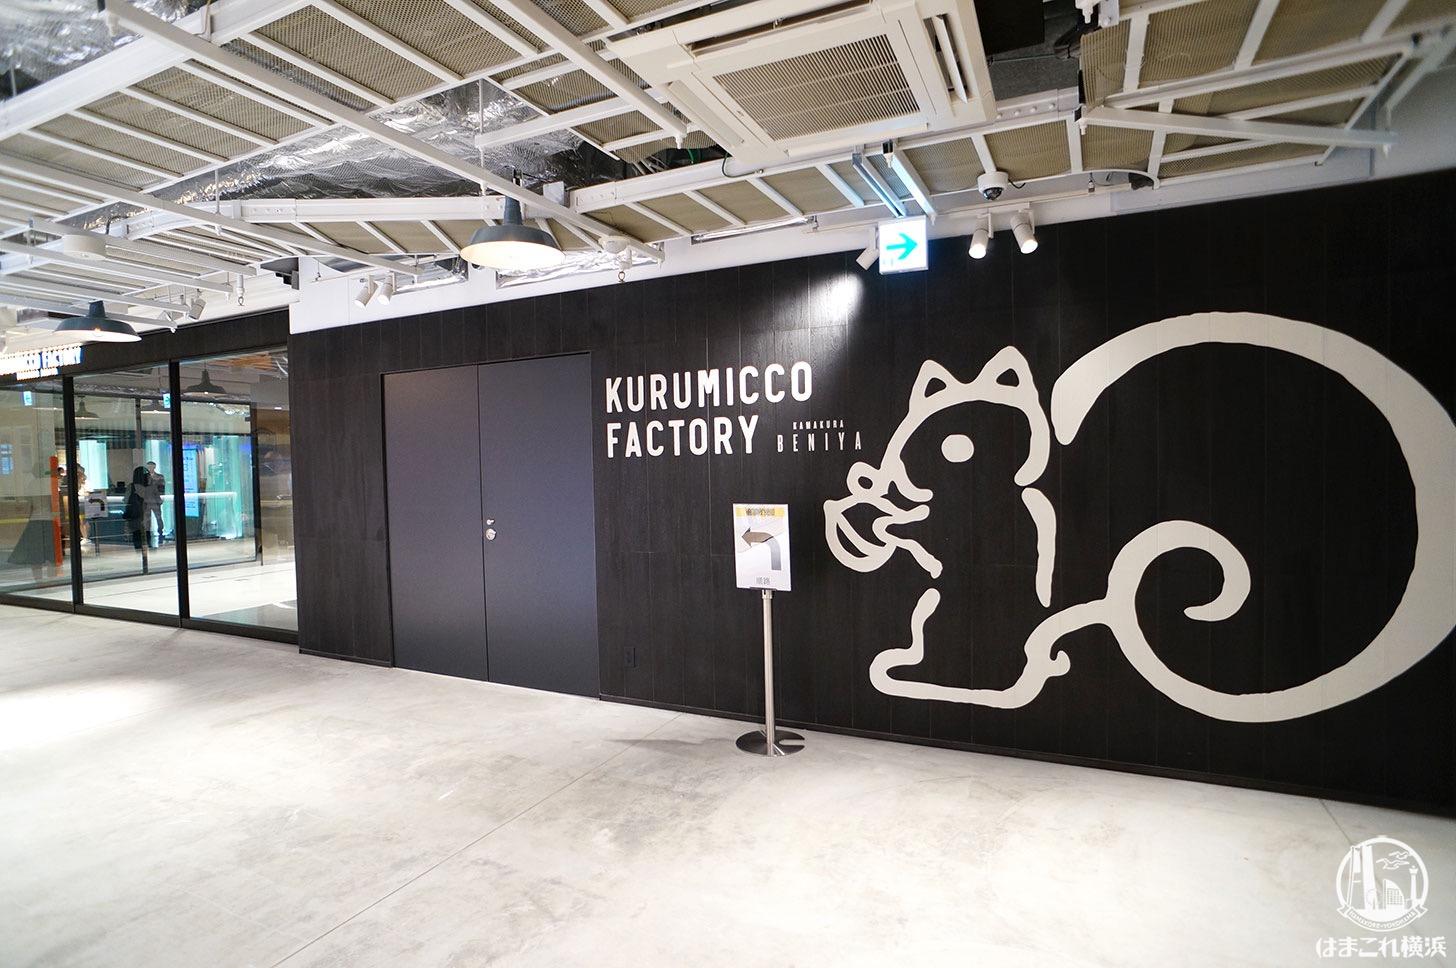 鎌倉紅谷 クルミッ子ファクトリー 外観